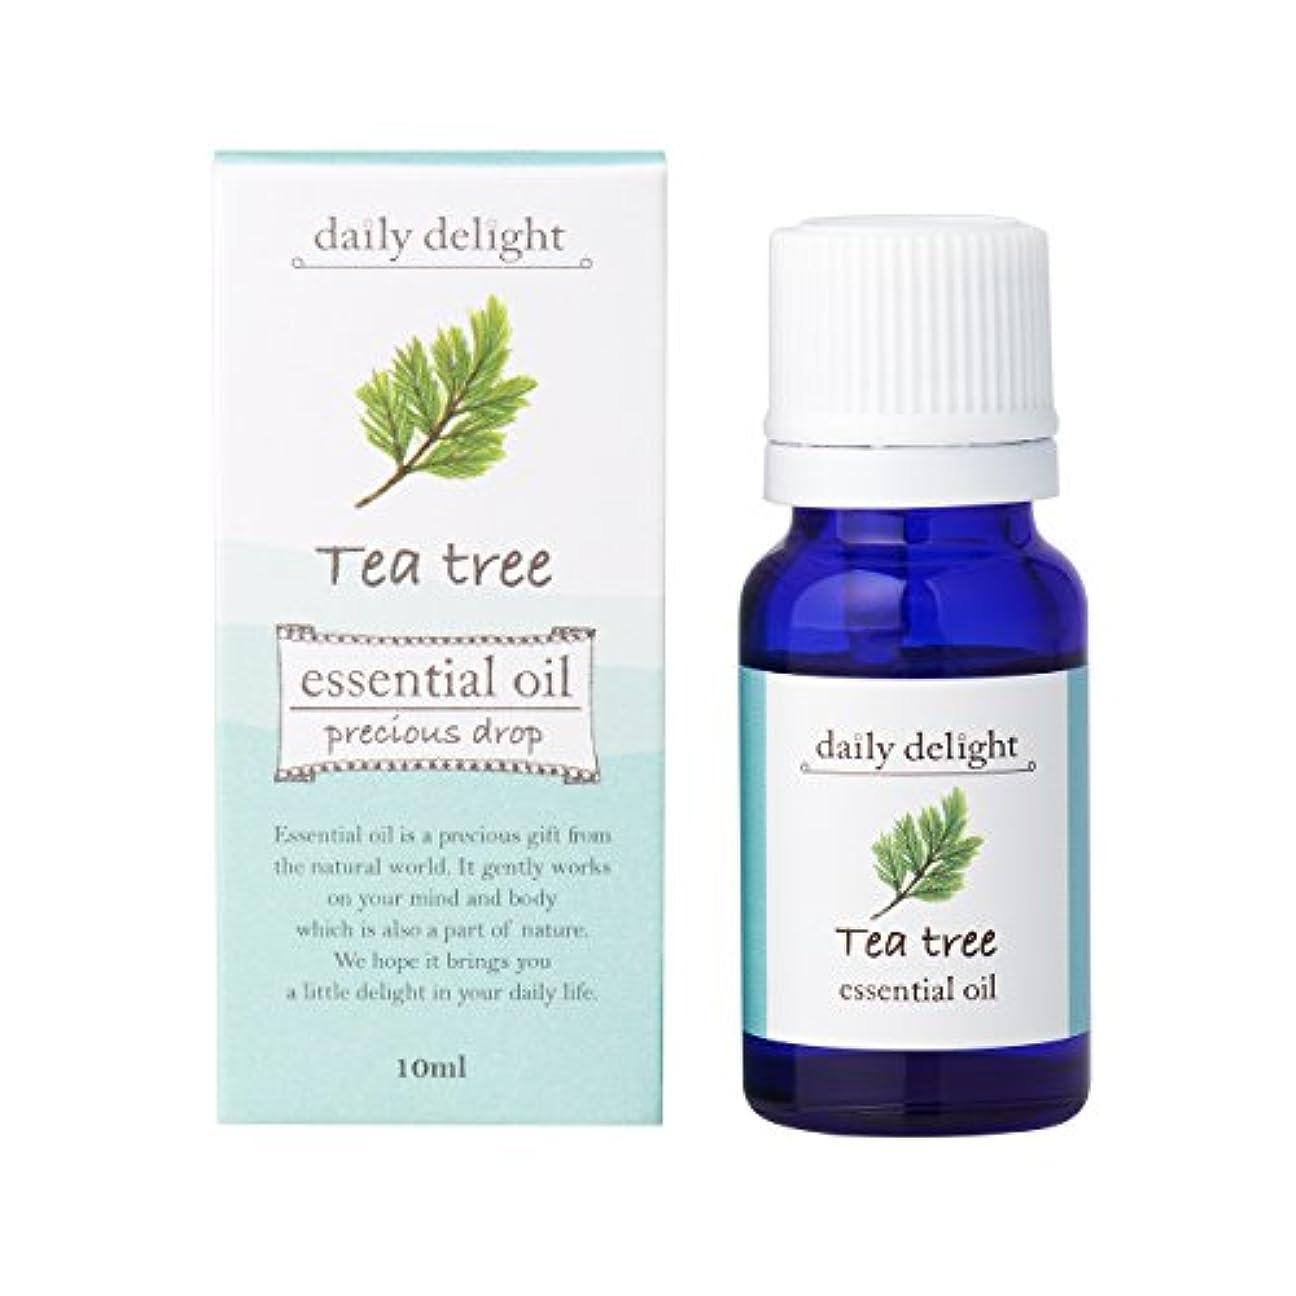 同時びん交じるデイリーディライト エッセンシャルオイル  ティートゥリー 10ml(天然100% 精油 アロマ 樹木系 フレッシュですっきりとした香り)